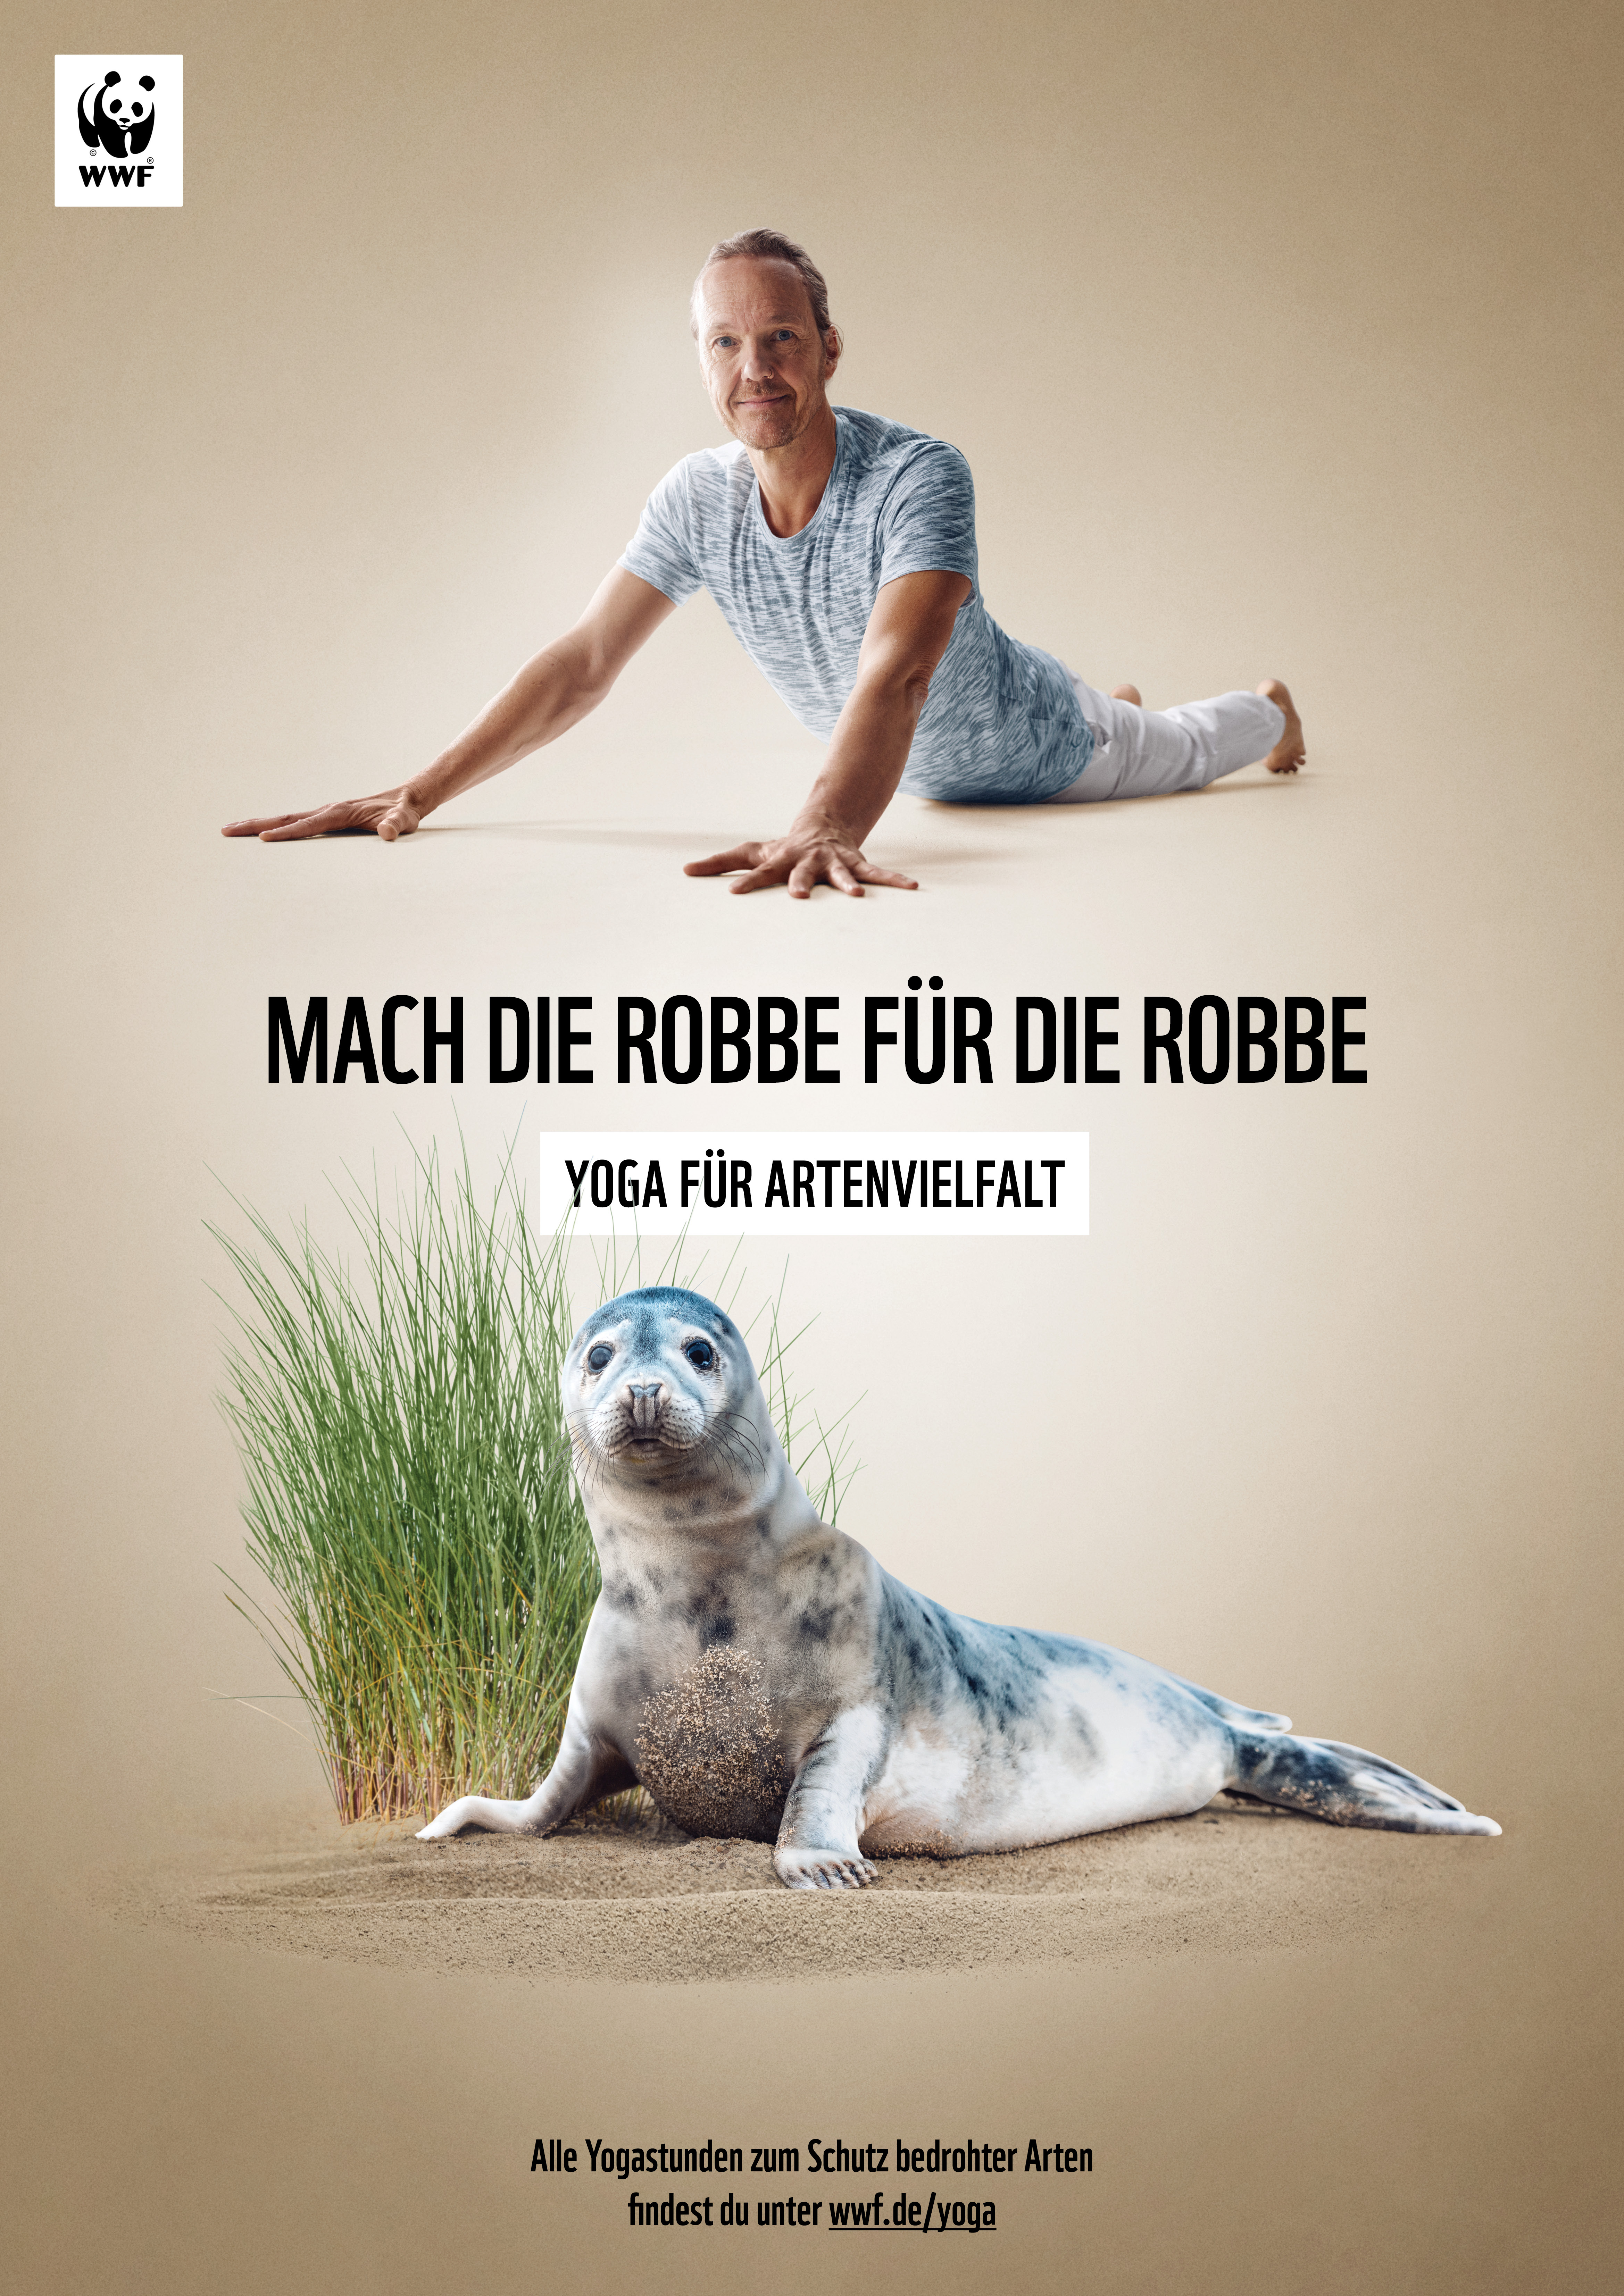 WWF Yoga für Artenvielfalt Mönchsrobbe